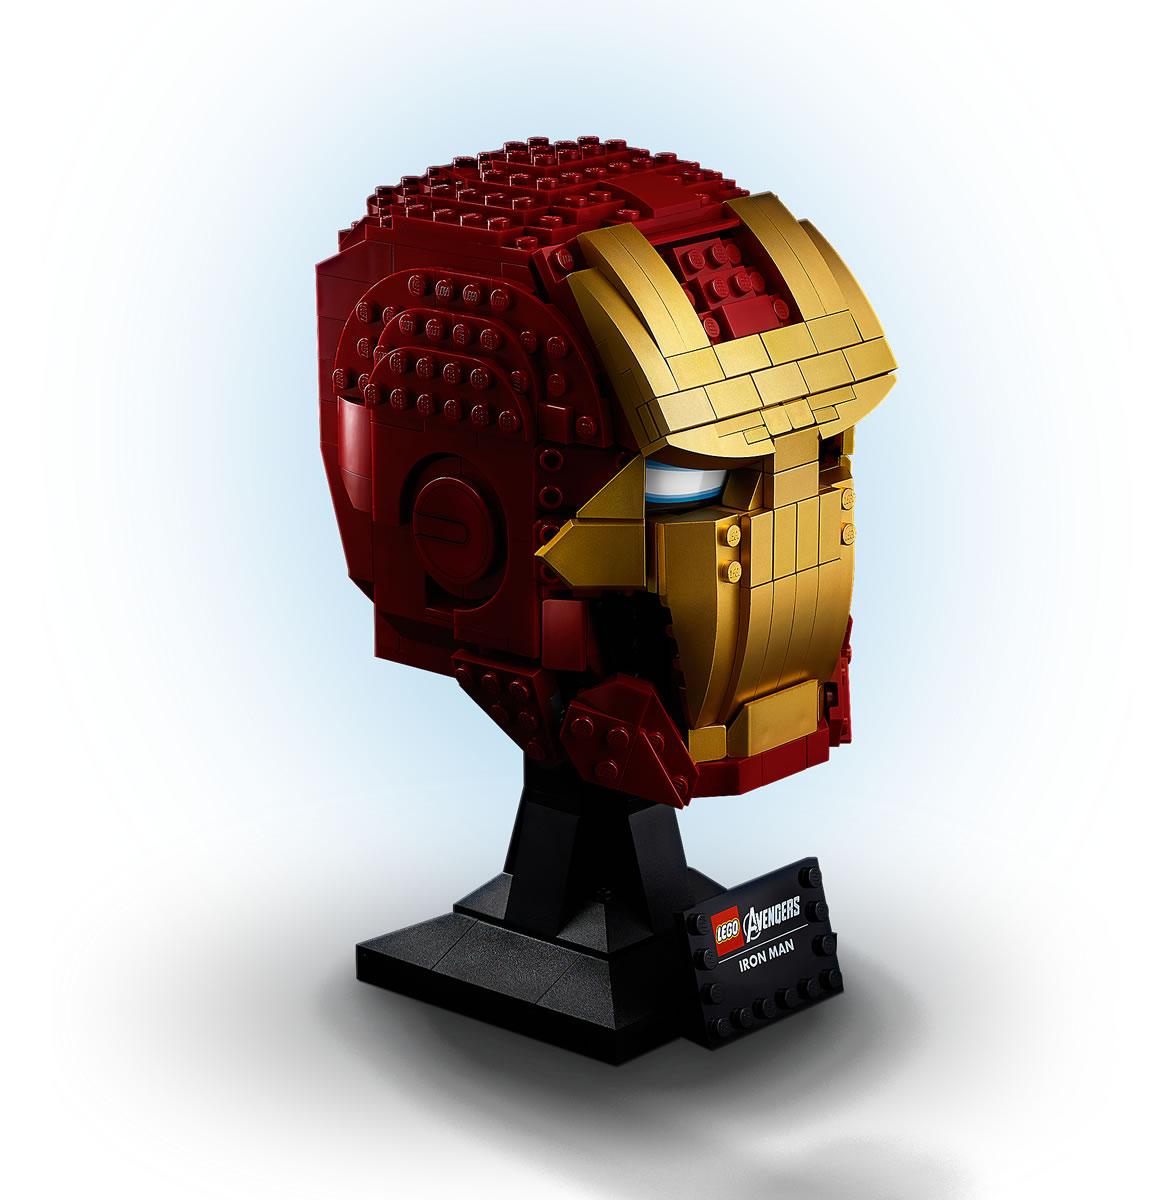 76165-lego-marvel-iron-man-helm-2020-2 zusammengebaut.com